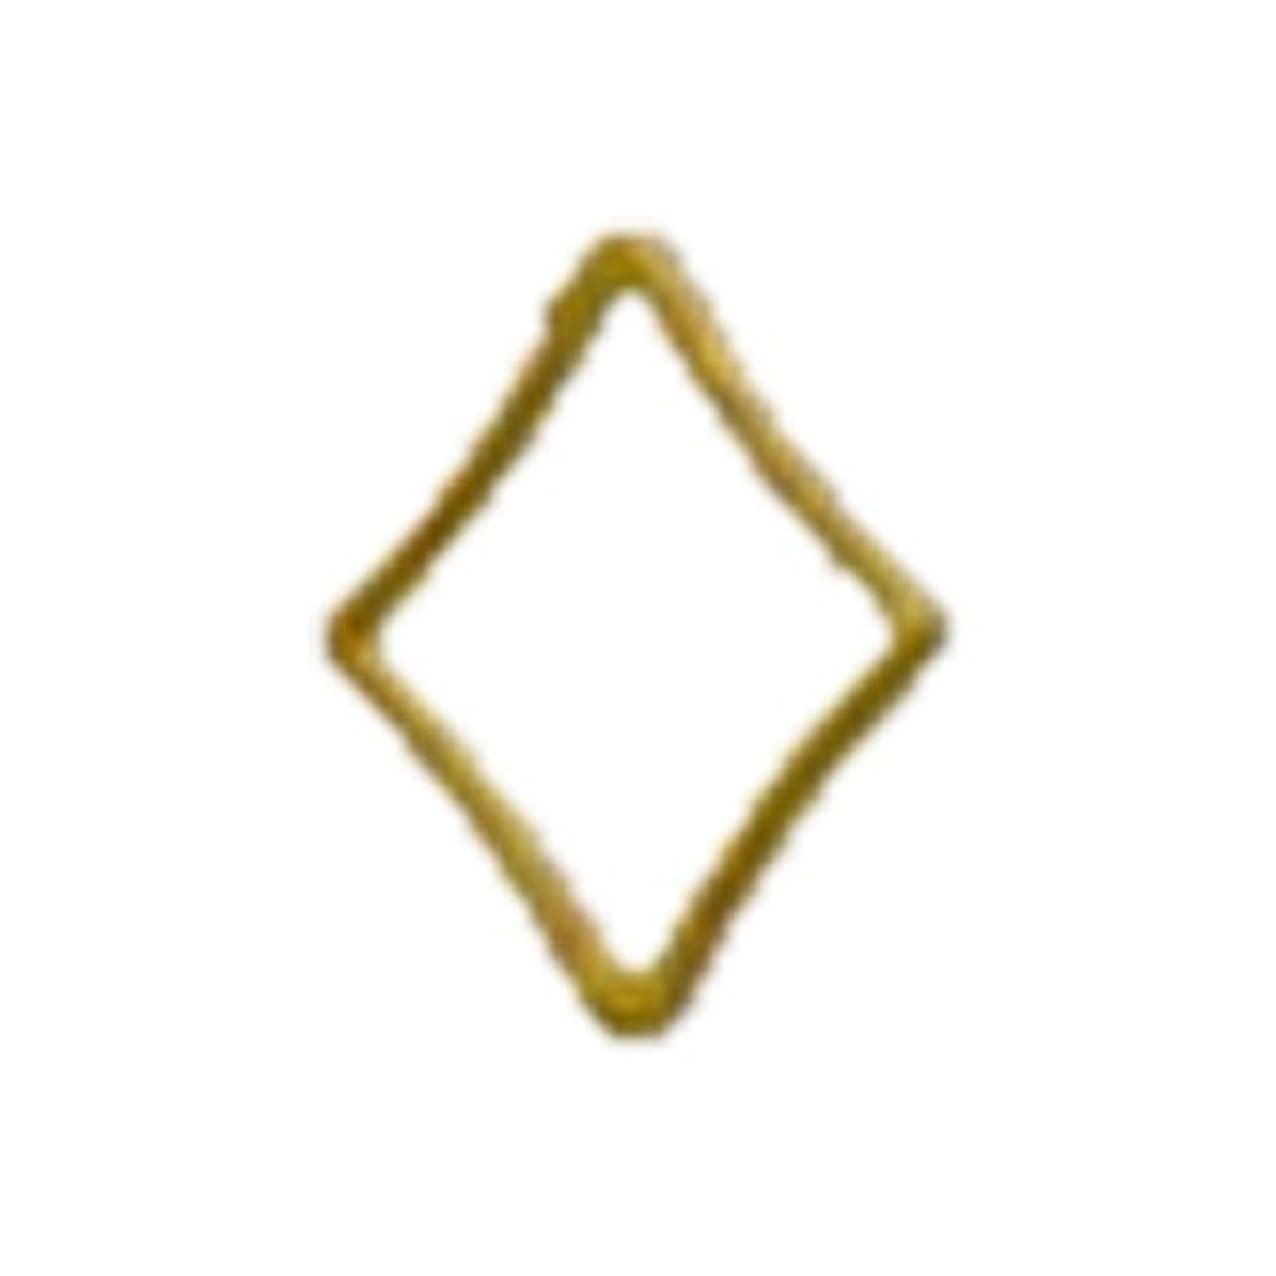 世界の窓対応する反論者リトルプリティー ネイルアートパーツ キラキラ 3S ゴールド 20個